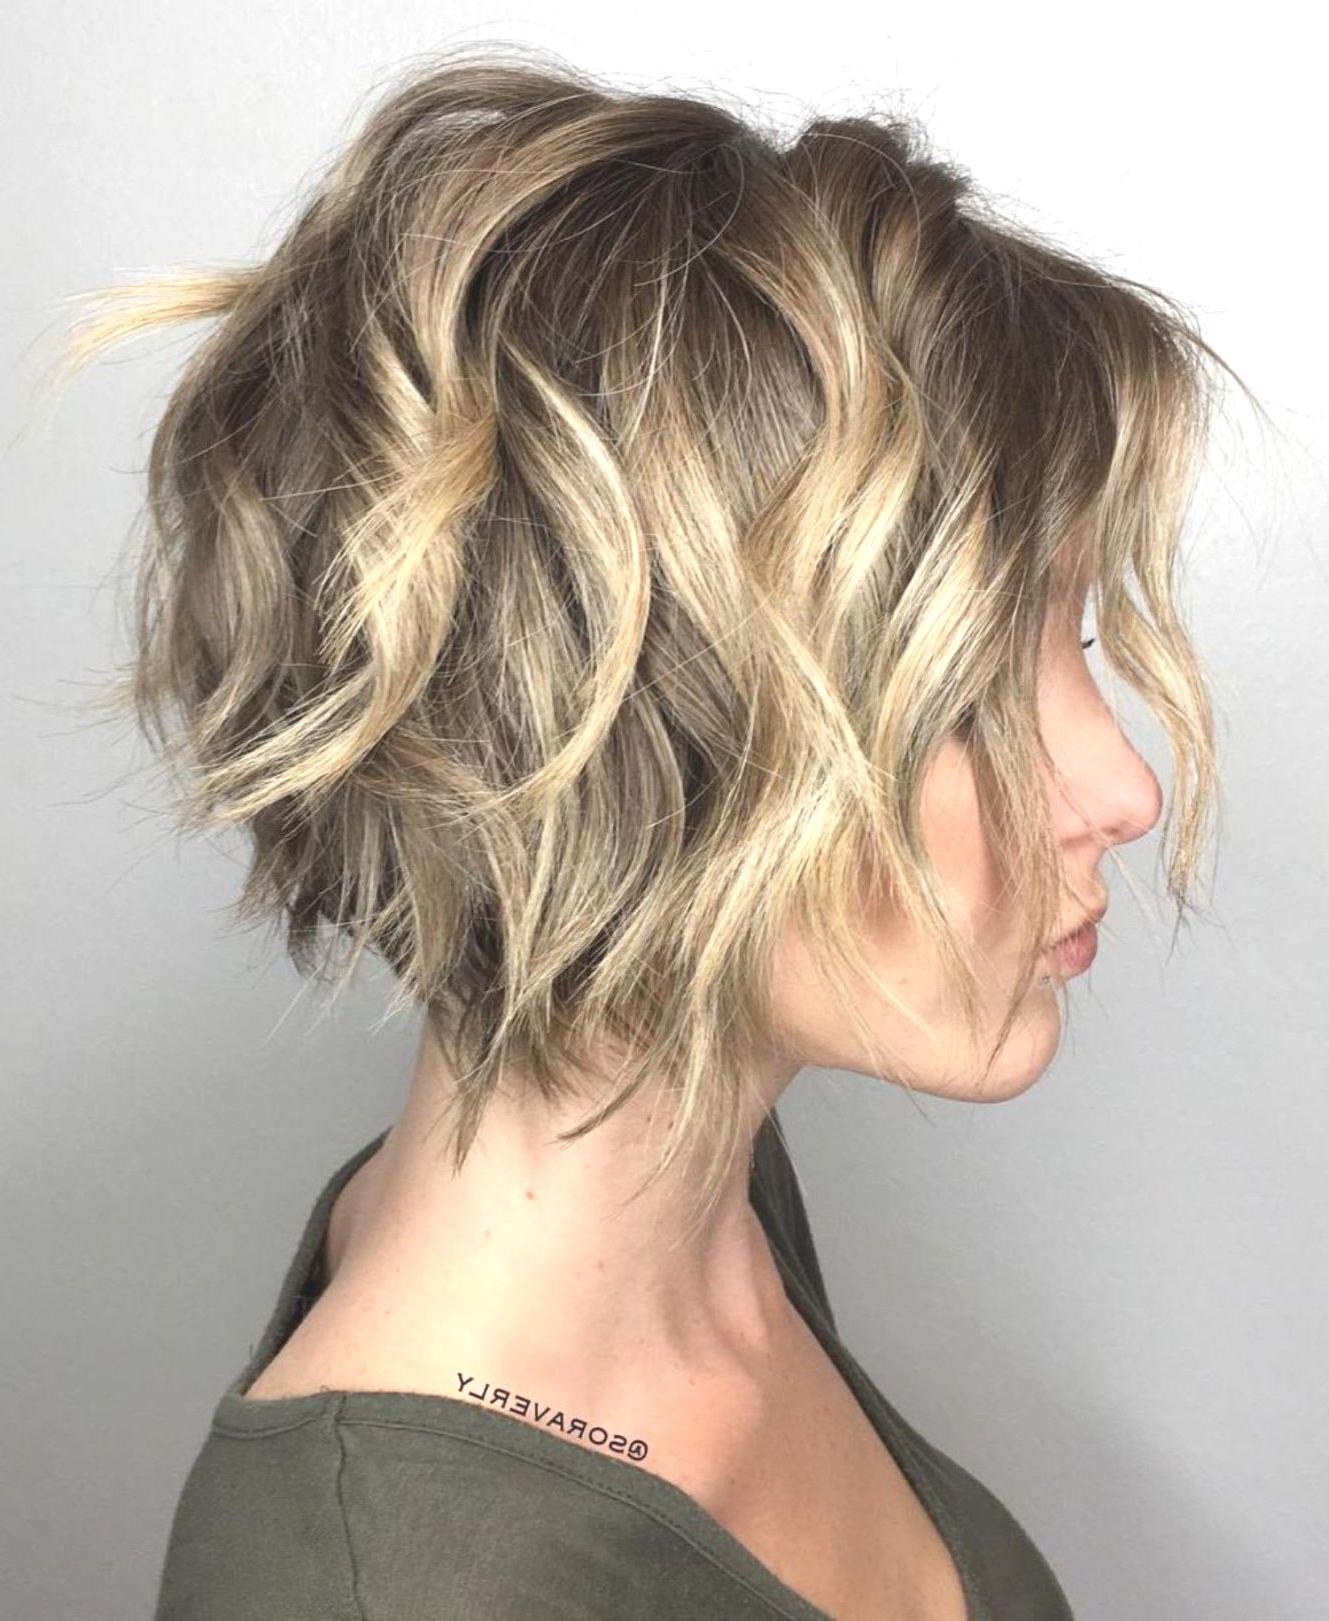 Hairstyles : Messy Layered Short Hair Amusing 50 Chic Bob Throughout Layered Short Bob Haircuts (View 10 of 20)